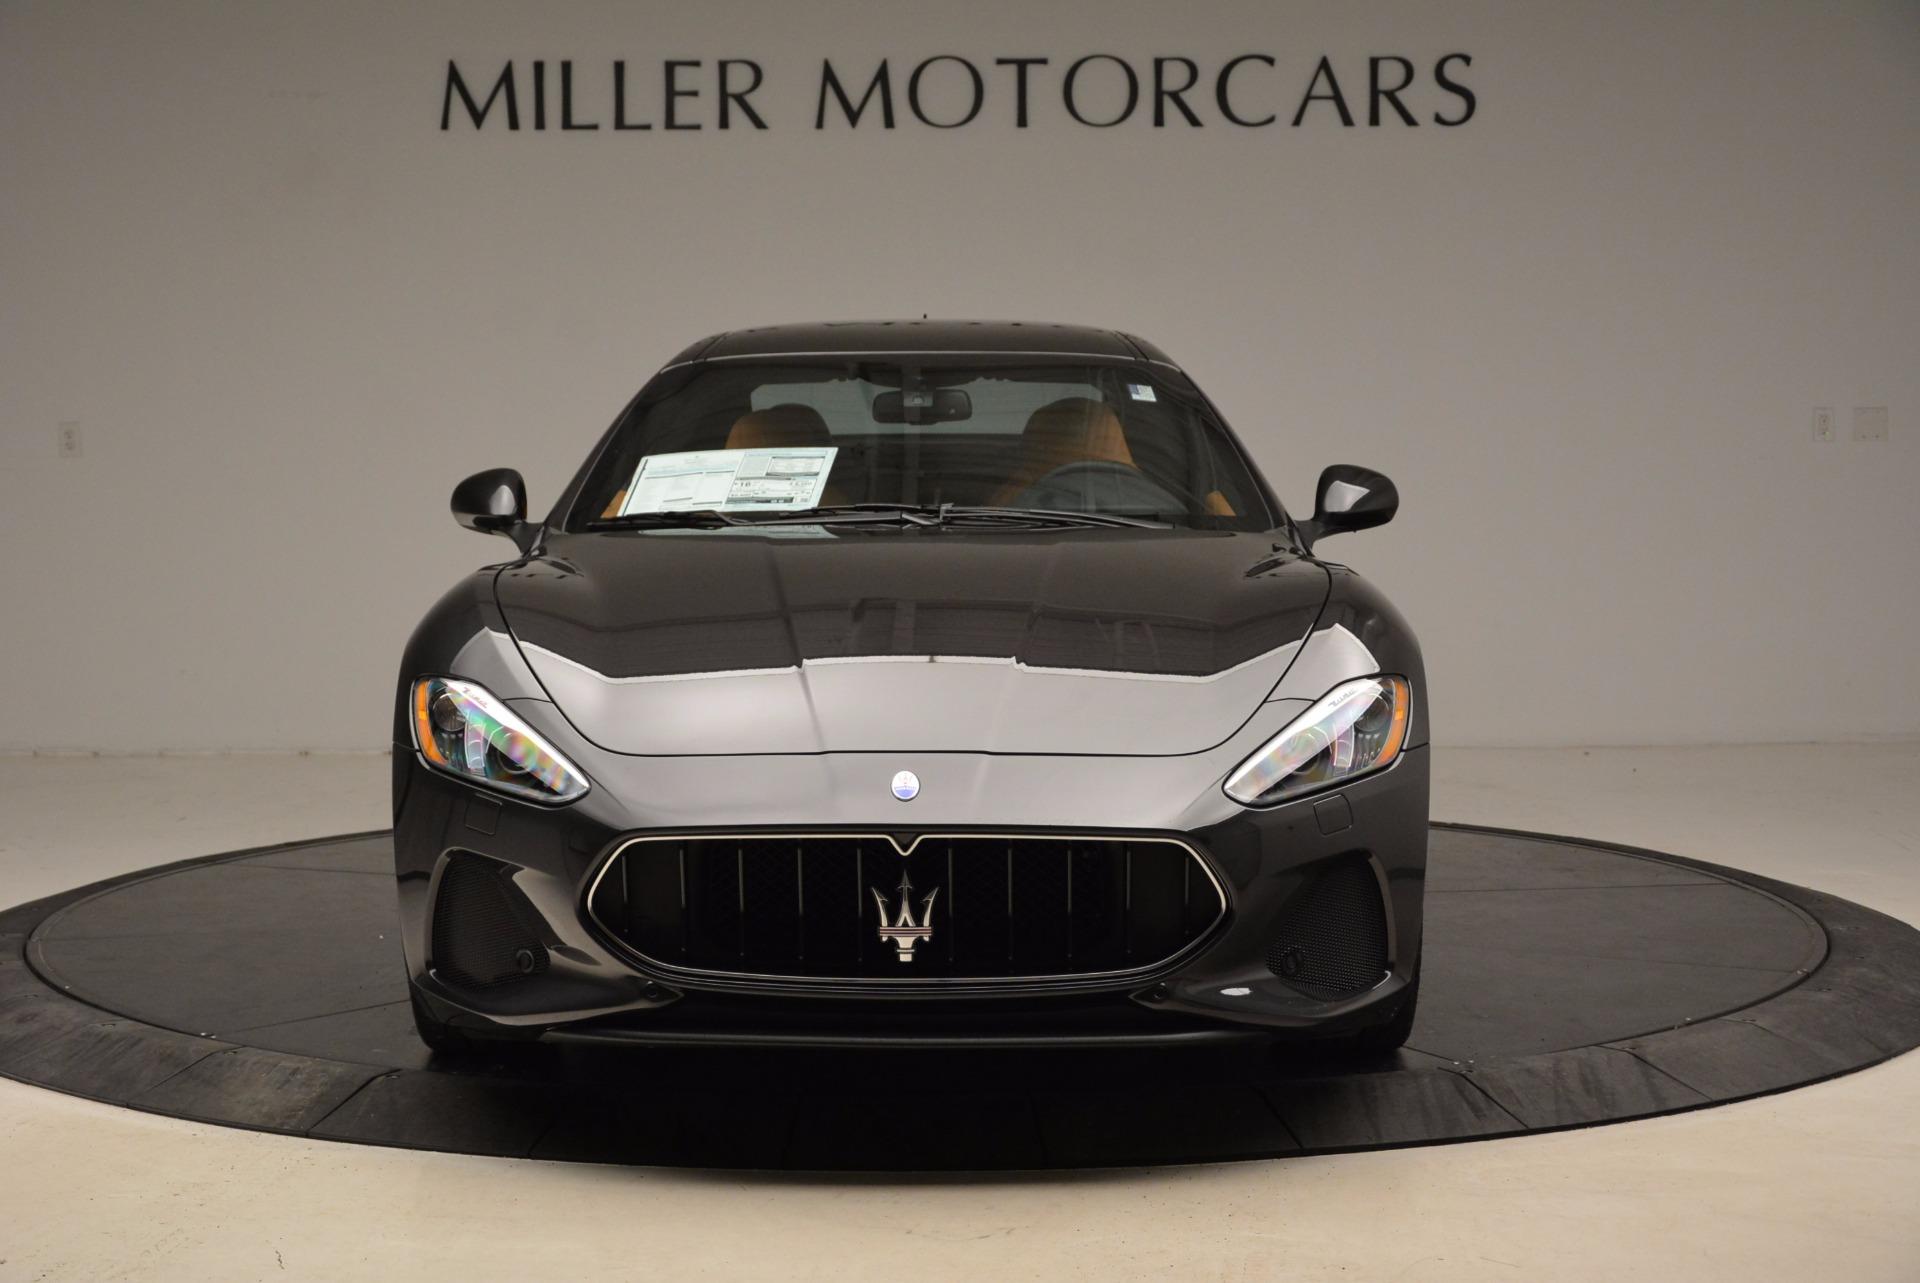 New 2018 Maserati GranTurismo Sport Coupe For Sale In Greenwich, CT 1771_p12